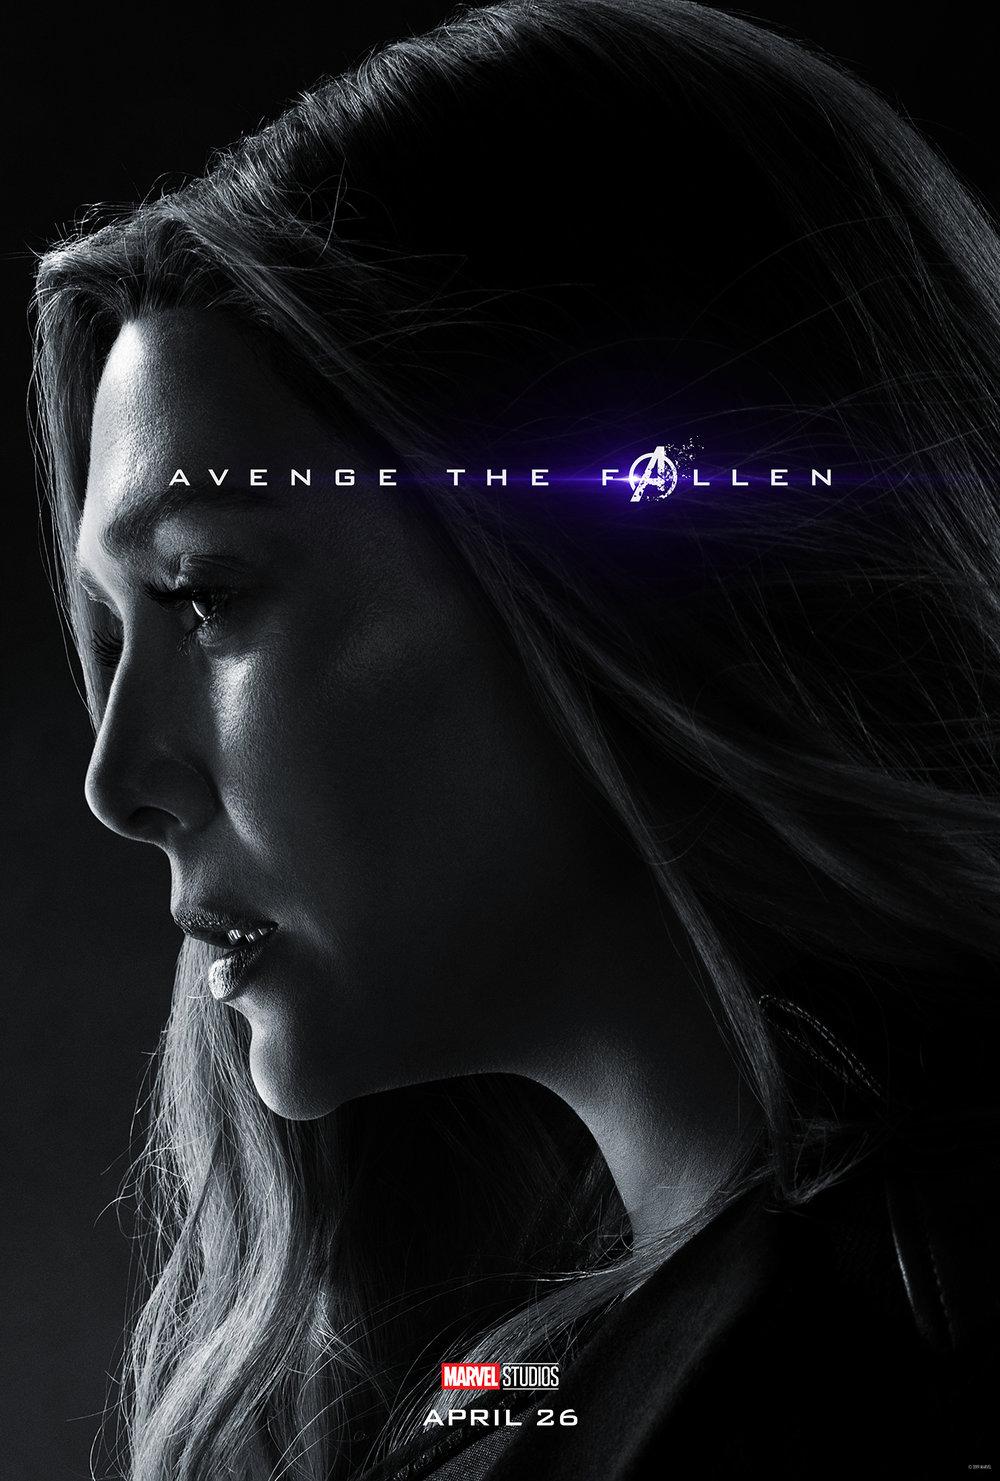 Avengers_Endgame_Char1Sht_ScarletWitch_Avenge_mech1_FS_100dpi.jpg